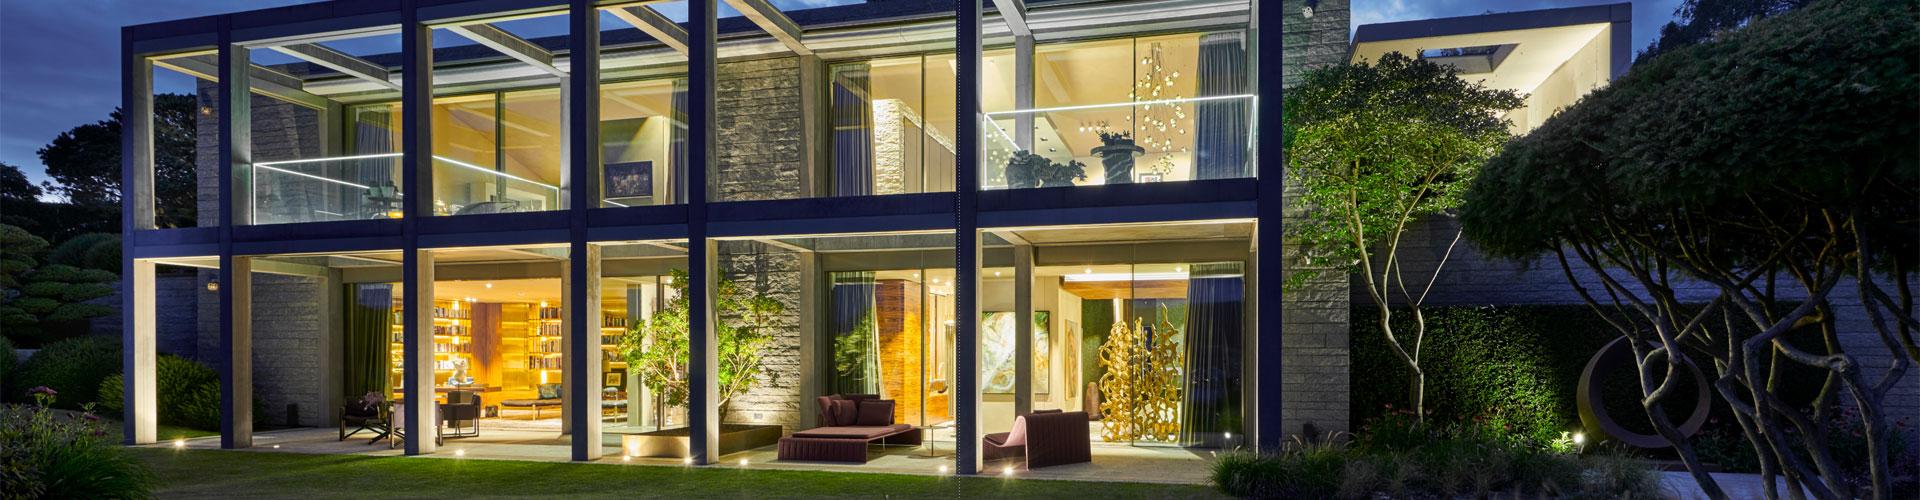 bauen - sanieren - Energie sparen - Solar-System-Haus